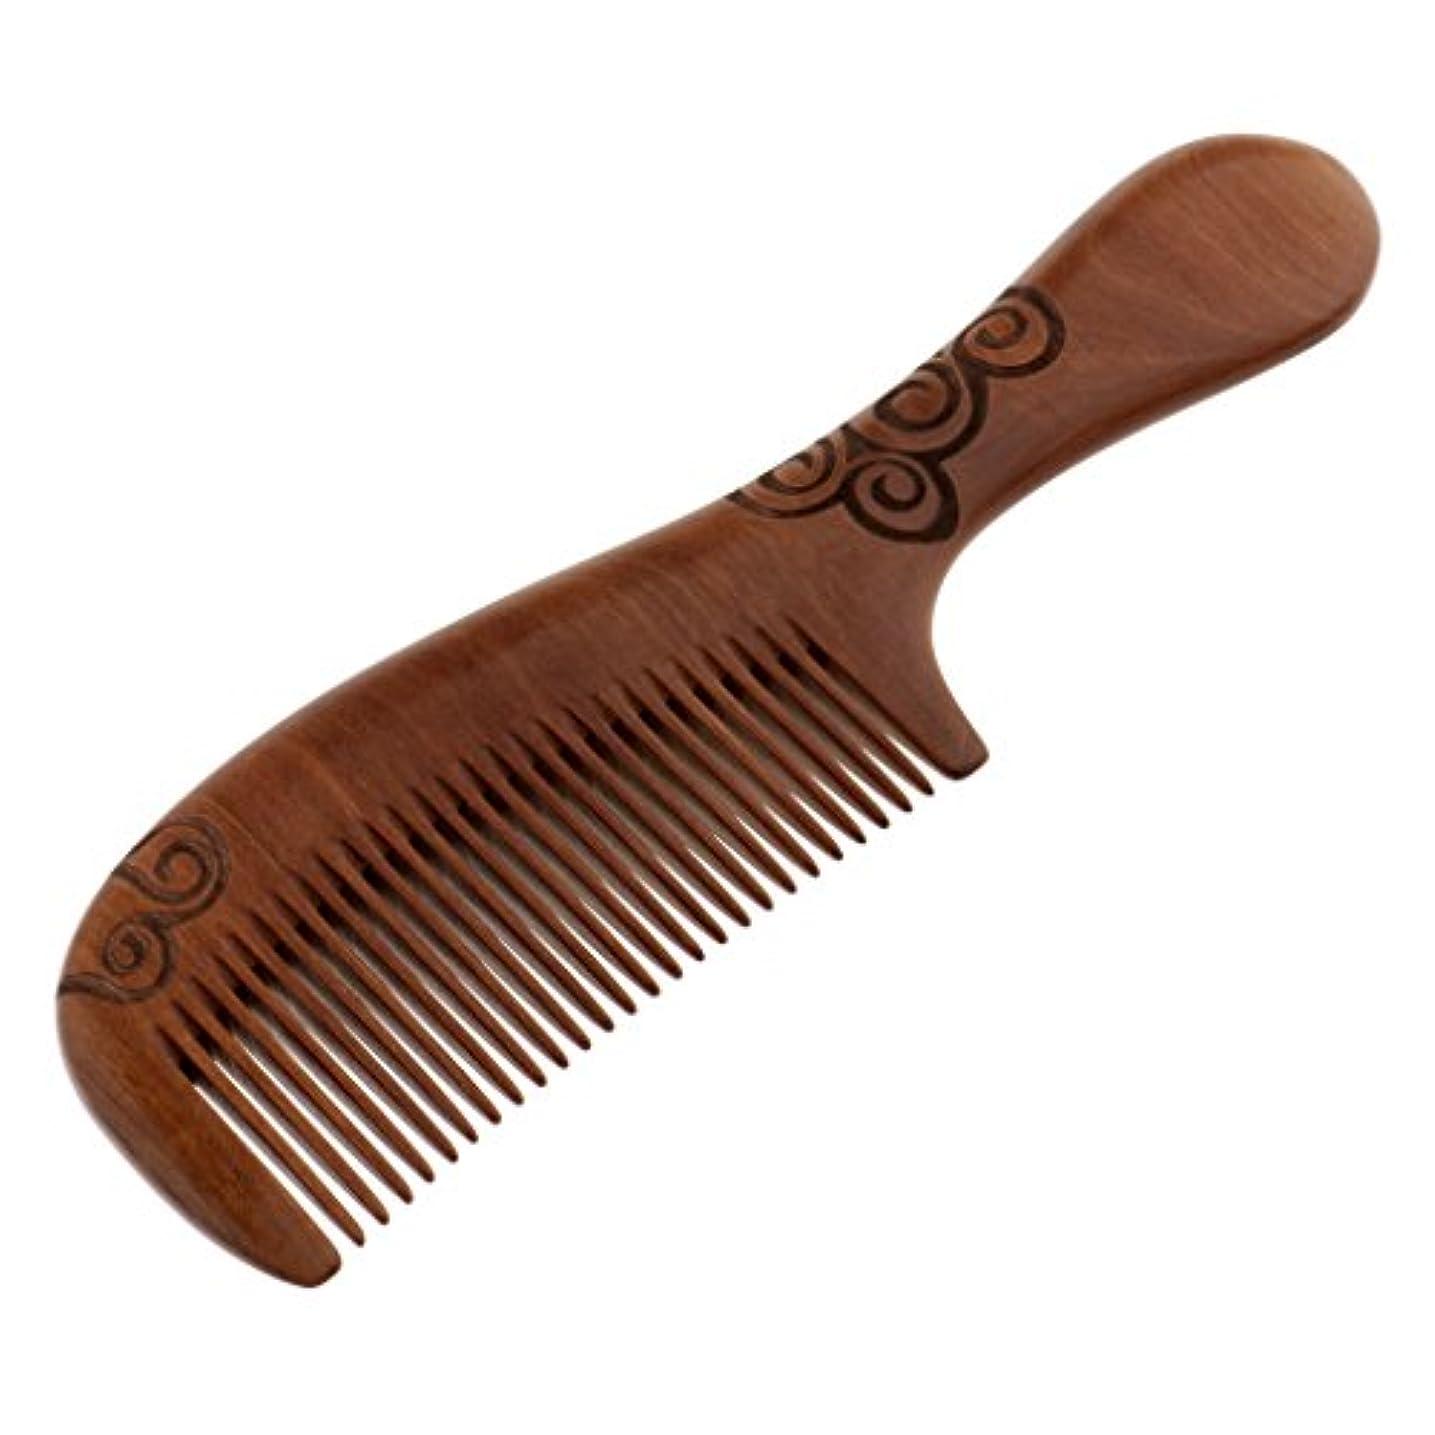 薄いです緩むブレイズToygogo くし コーム 木製 頭皮マッサージ ヘア櫛 木製ヘアコーム ヘアケア 髪の櫛 帯電防止 耐熱性